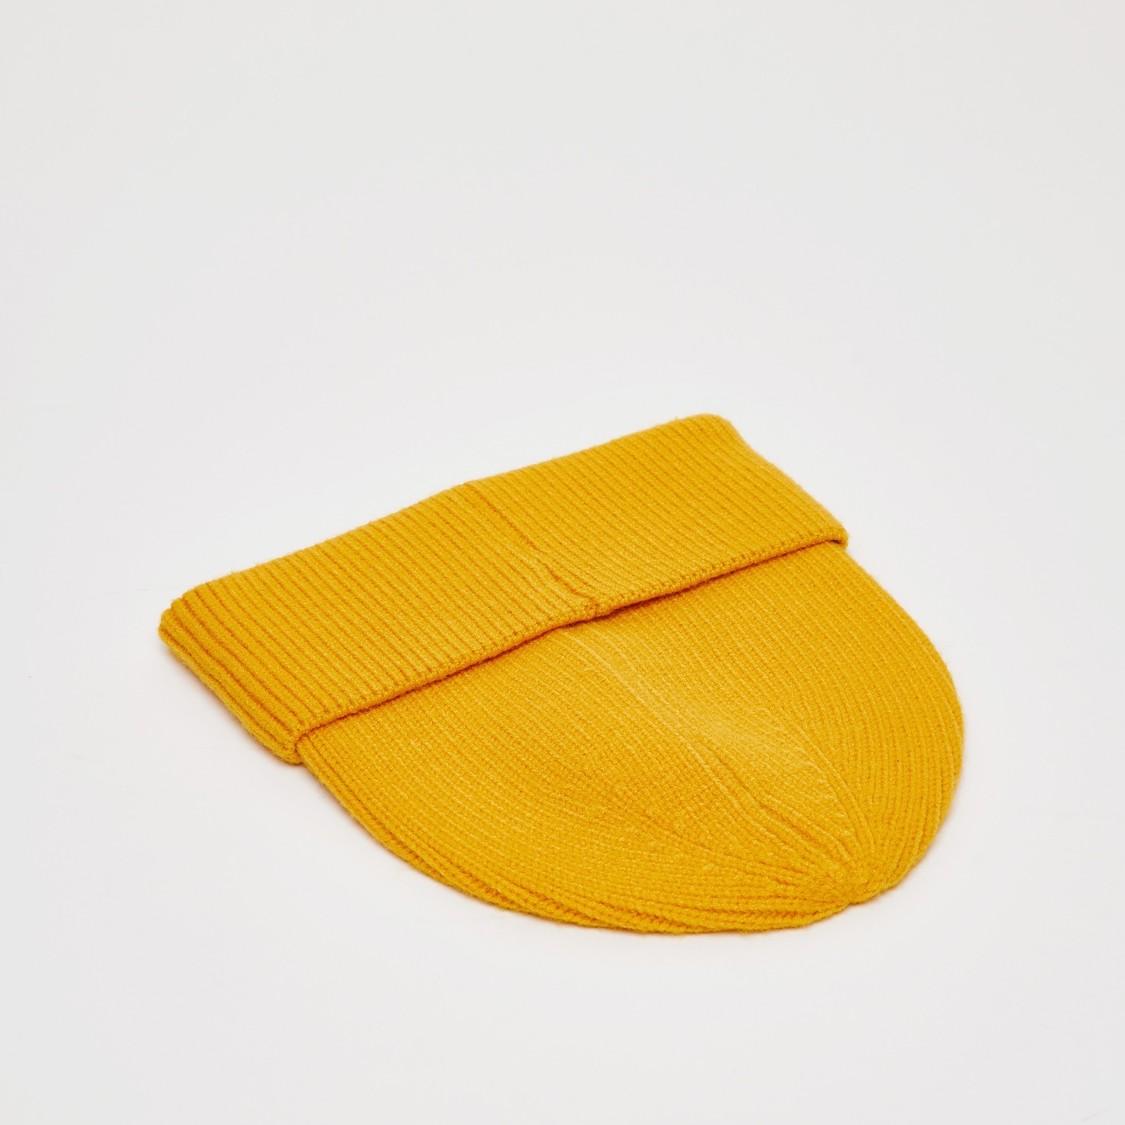 قبعة بيني بارزة الملمس بحواف مطّاطيّة